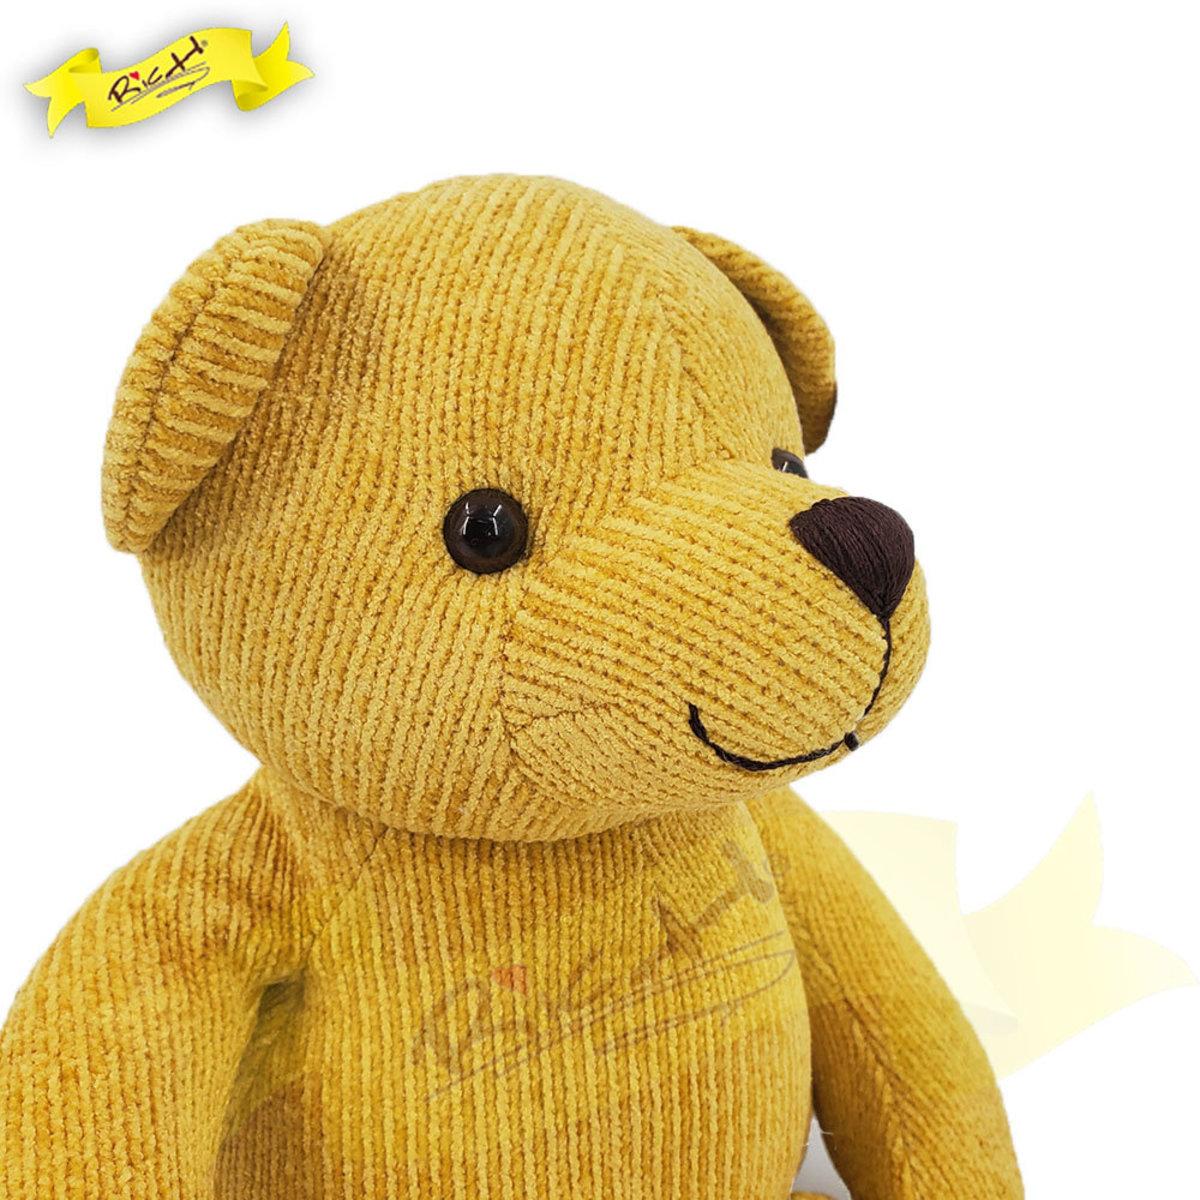 絲絨冷布熊公仔Teddy Bear 黃色 (43cm) - 6J1307K53